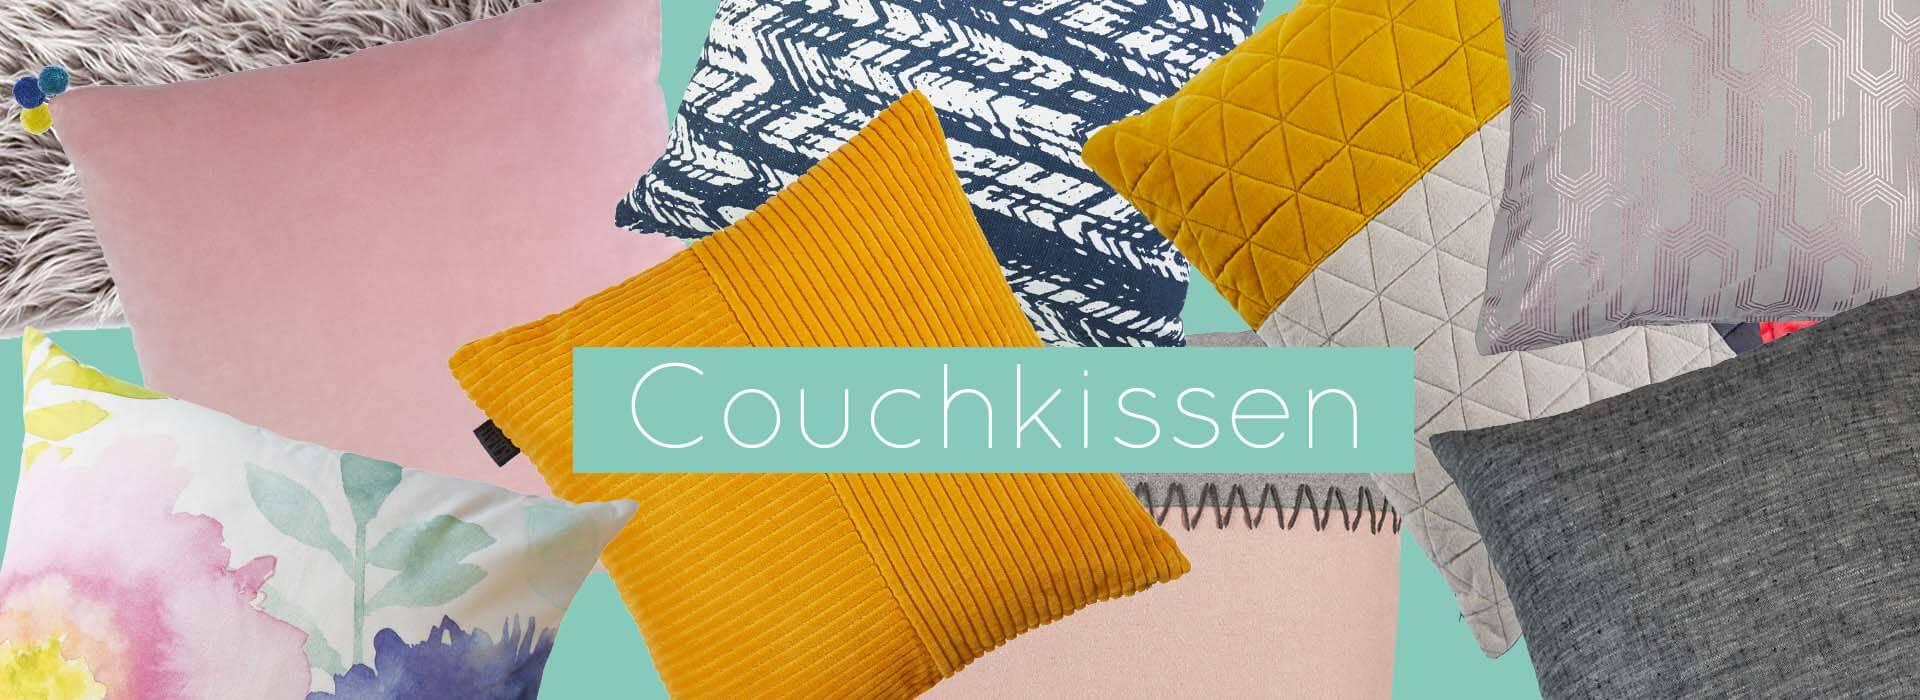 Couchkissen